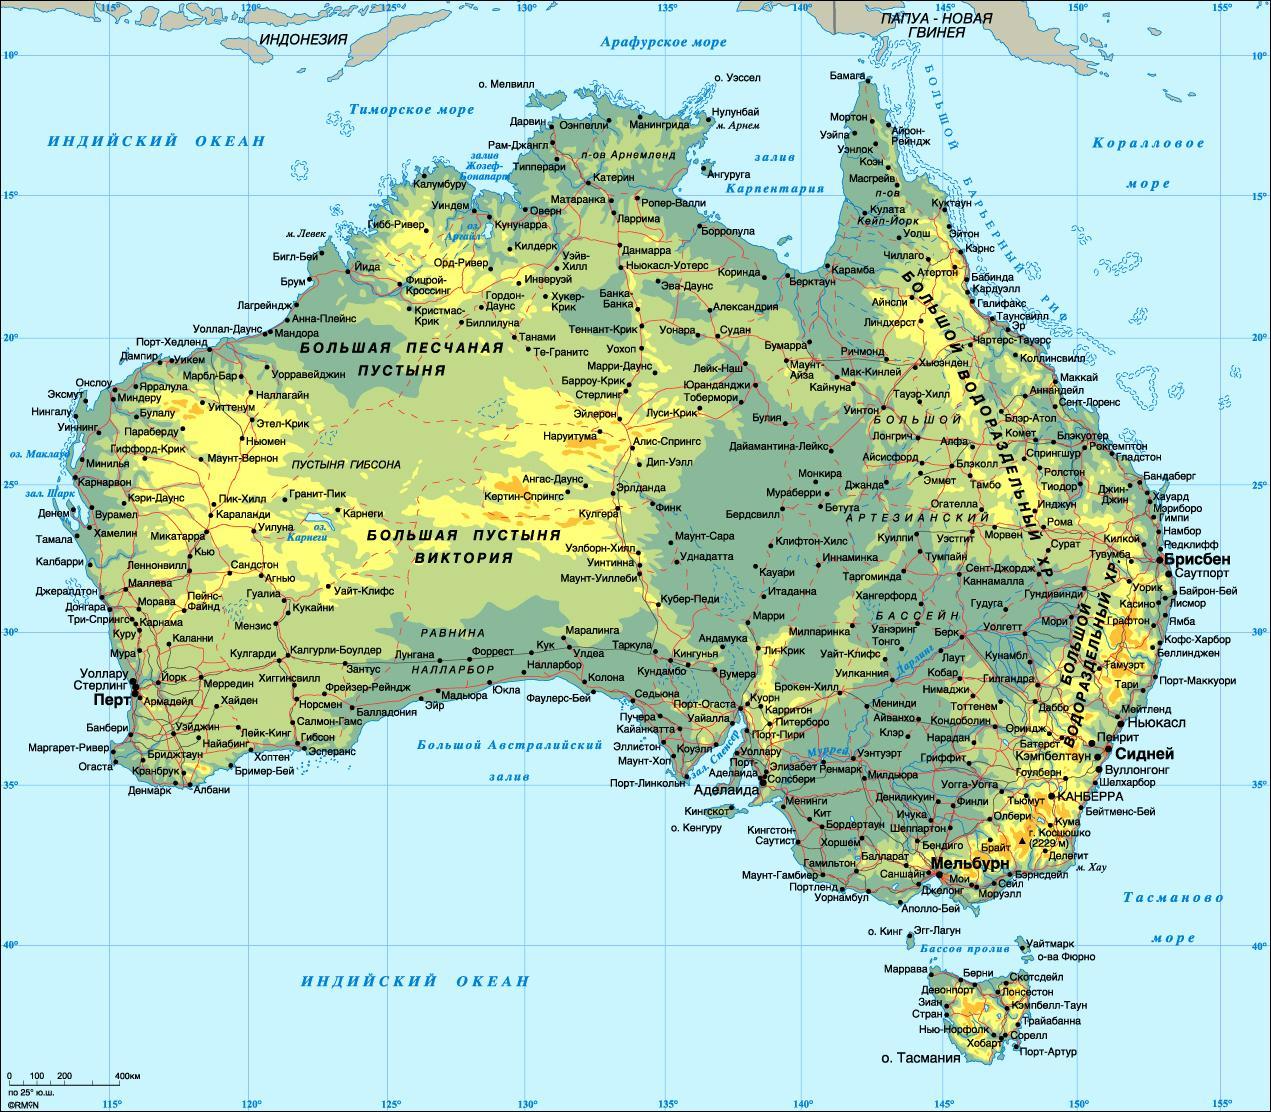 Detaljeret Kort Over Australien Australien Detaljeret Kort